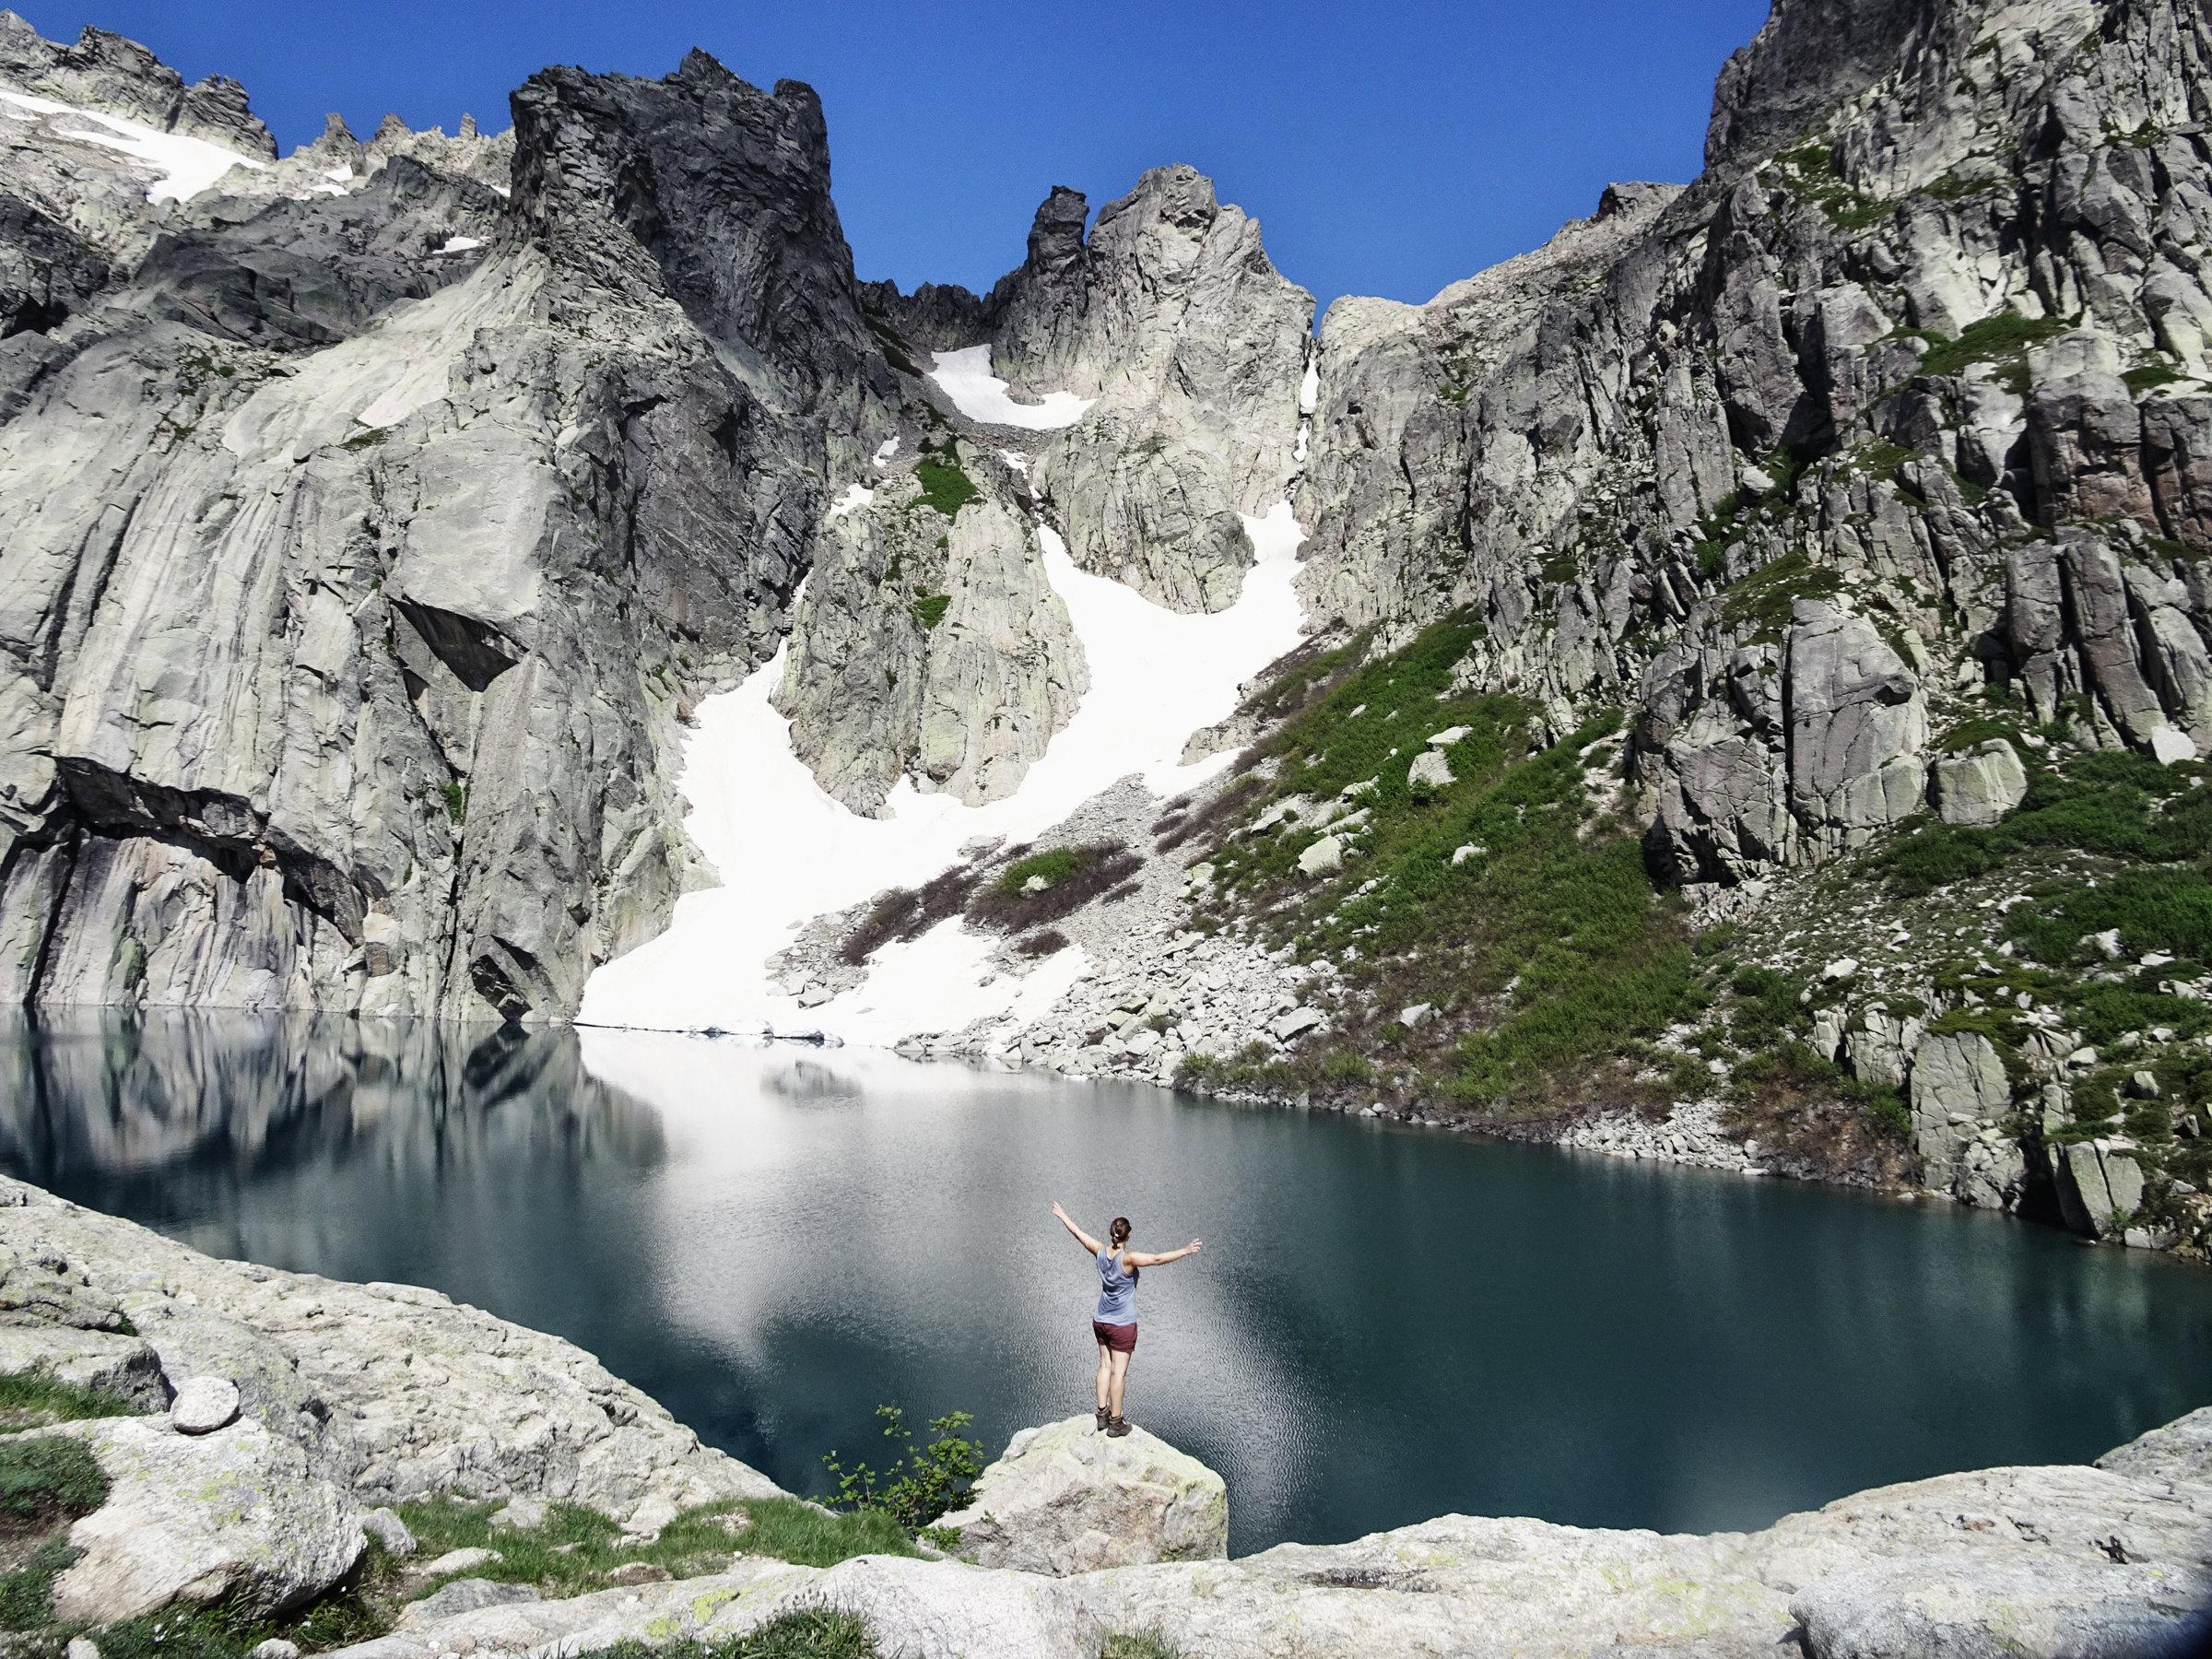 Mein Lieblingssee auf Korsika, der Capitello See, Korsika, GR20 Weitwanderweg, Wandern, Berge, Frankreich